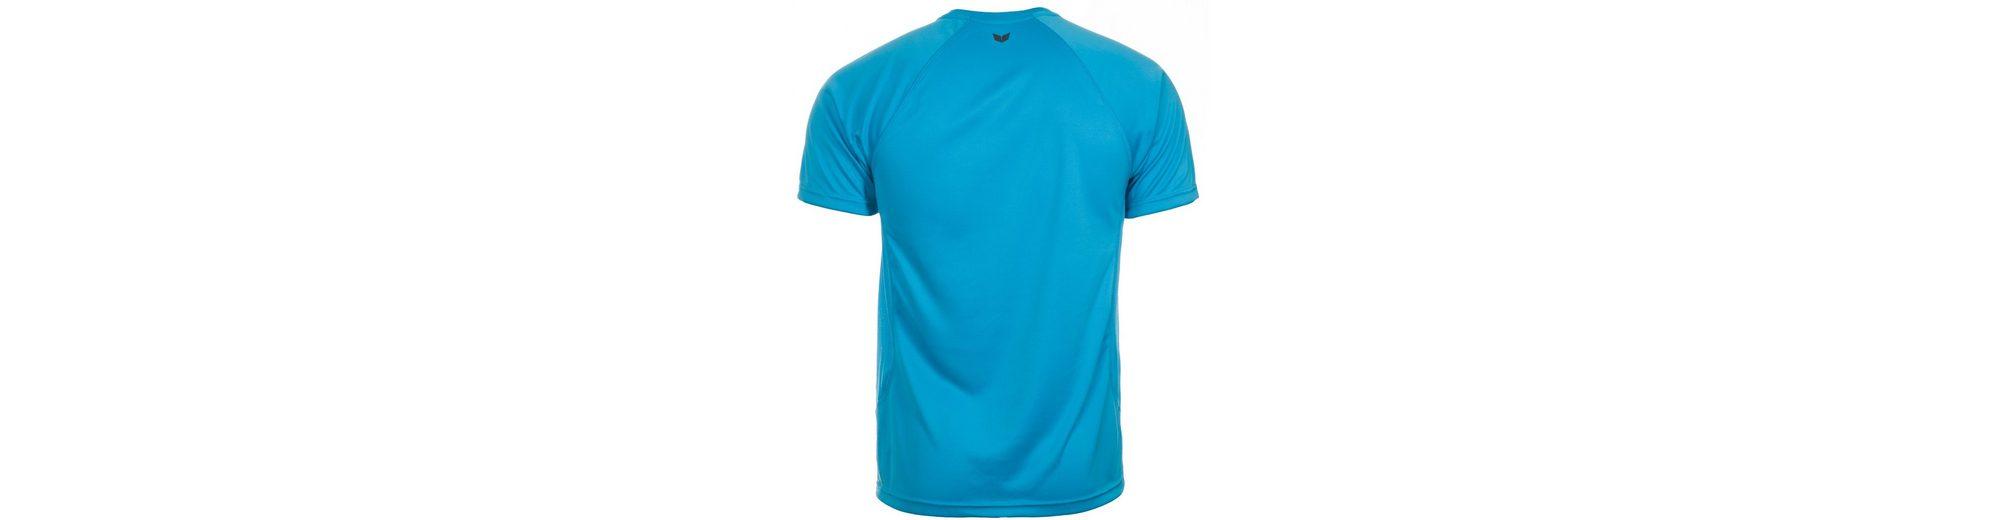 ERIMA Performance T-Shirt Herren Spielraum Online Amazon bdRTvEN